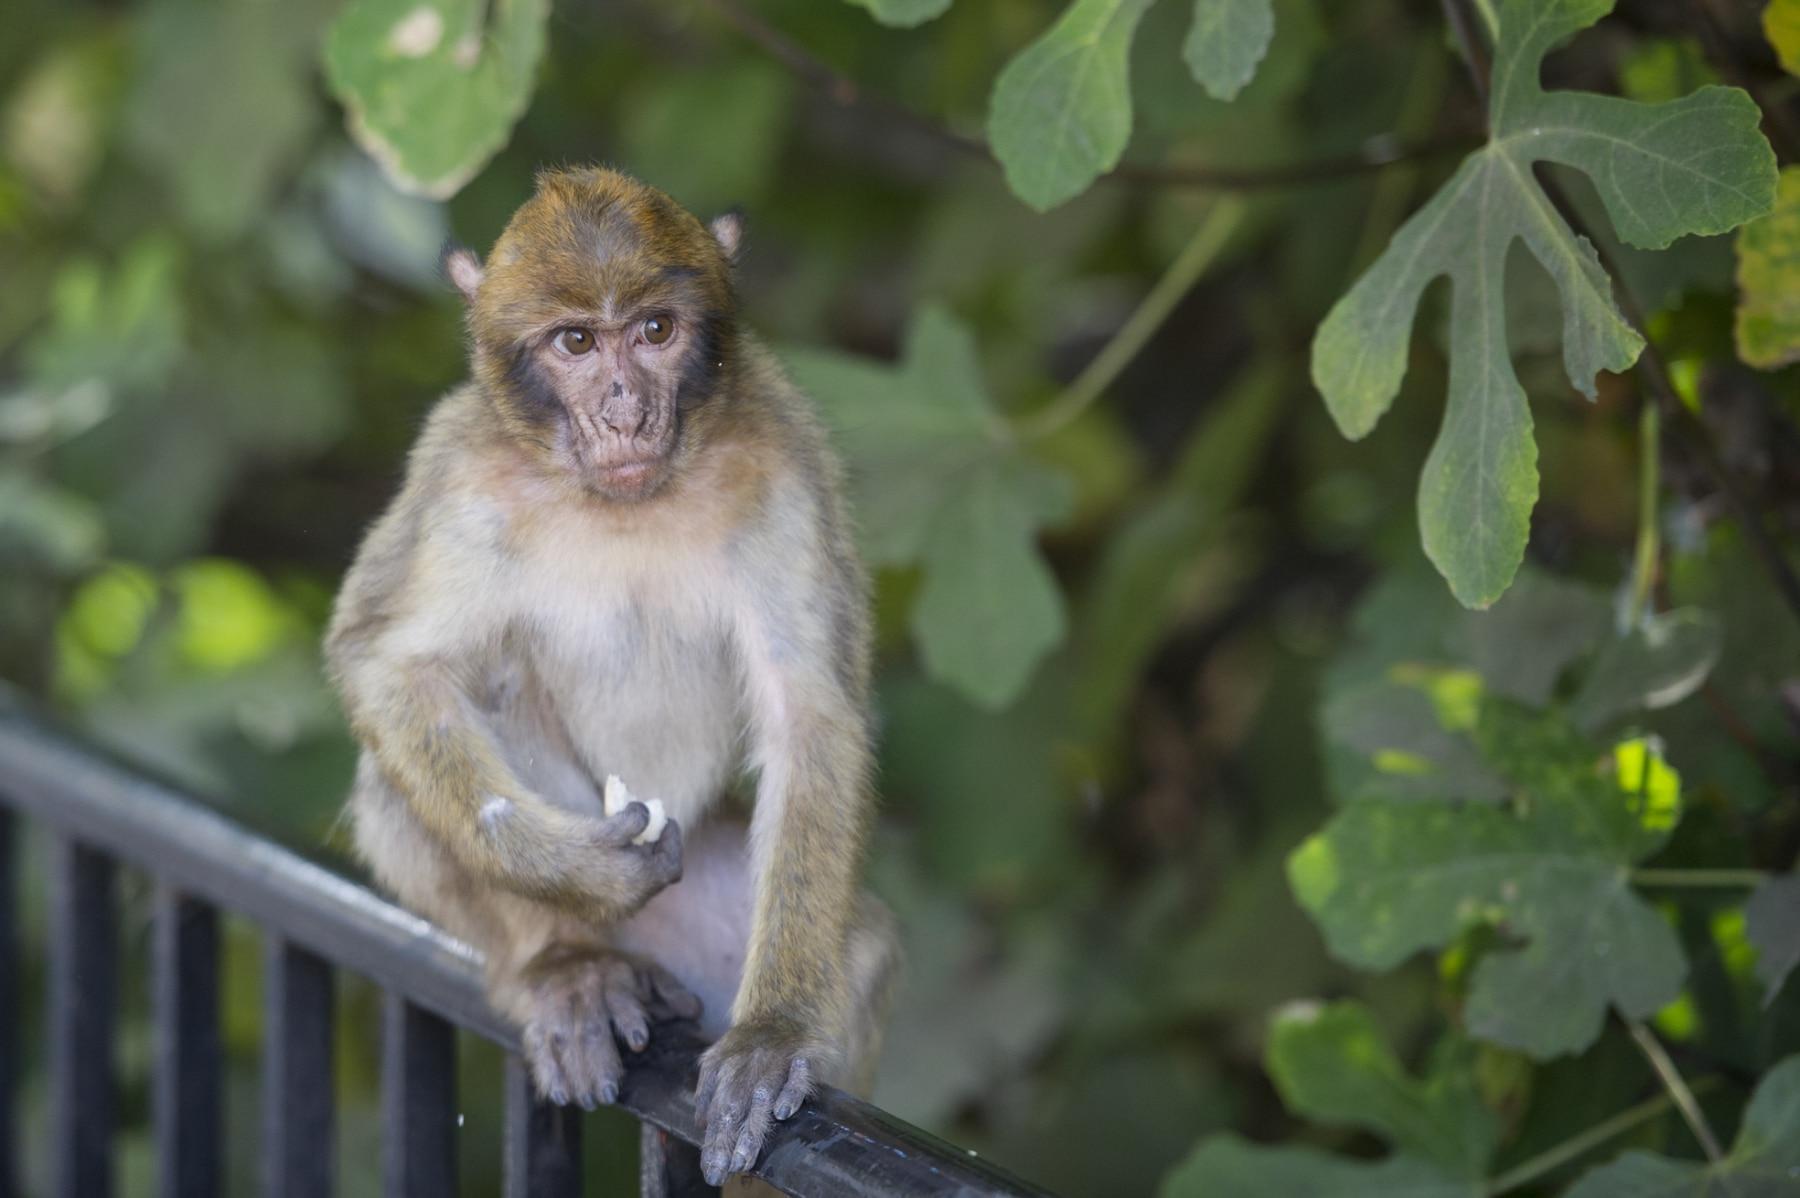 Monos-en-la-ciudad-32